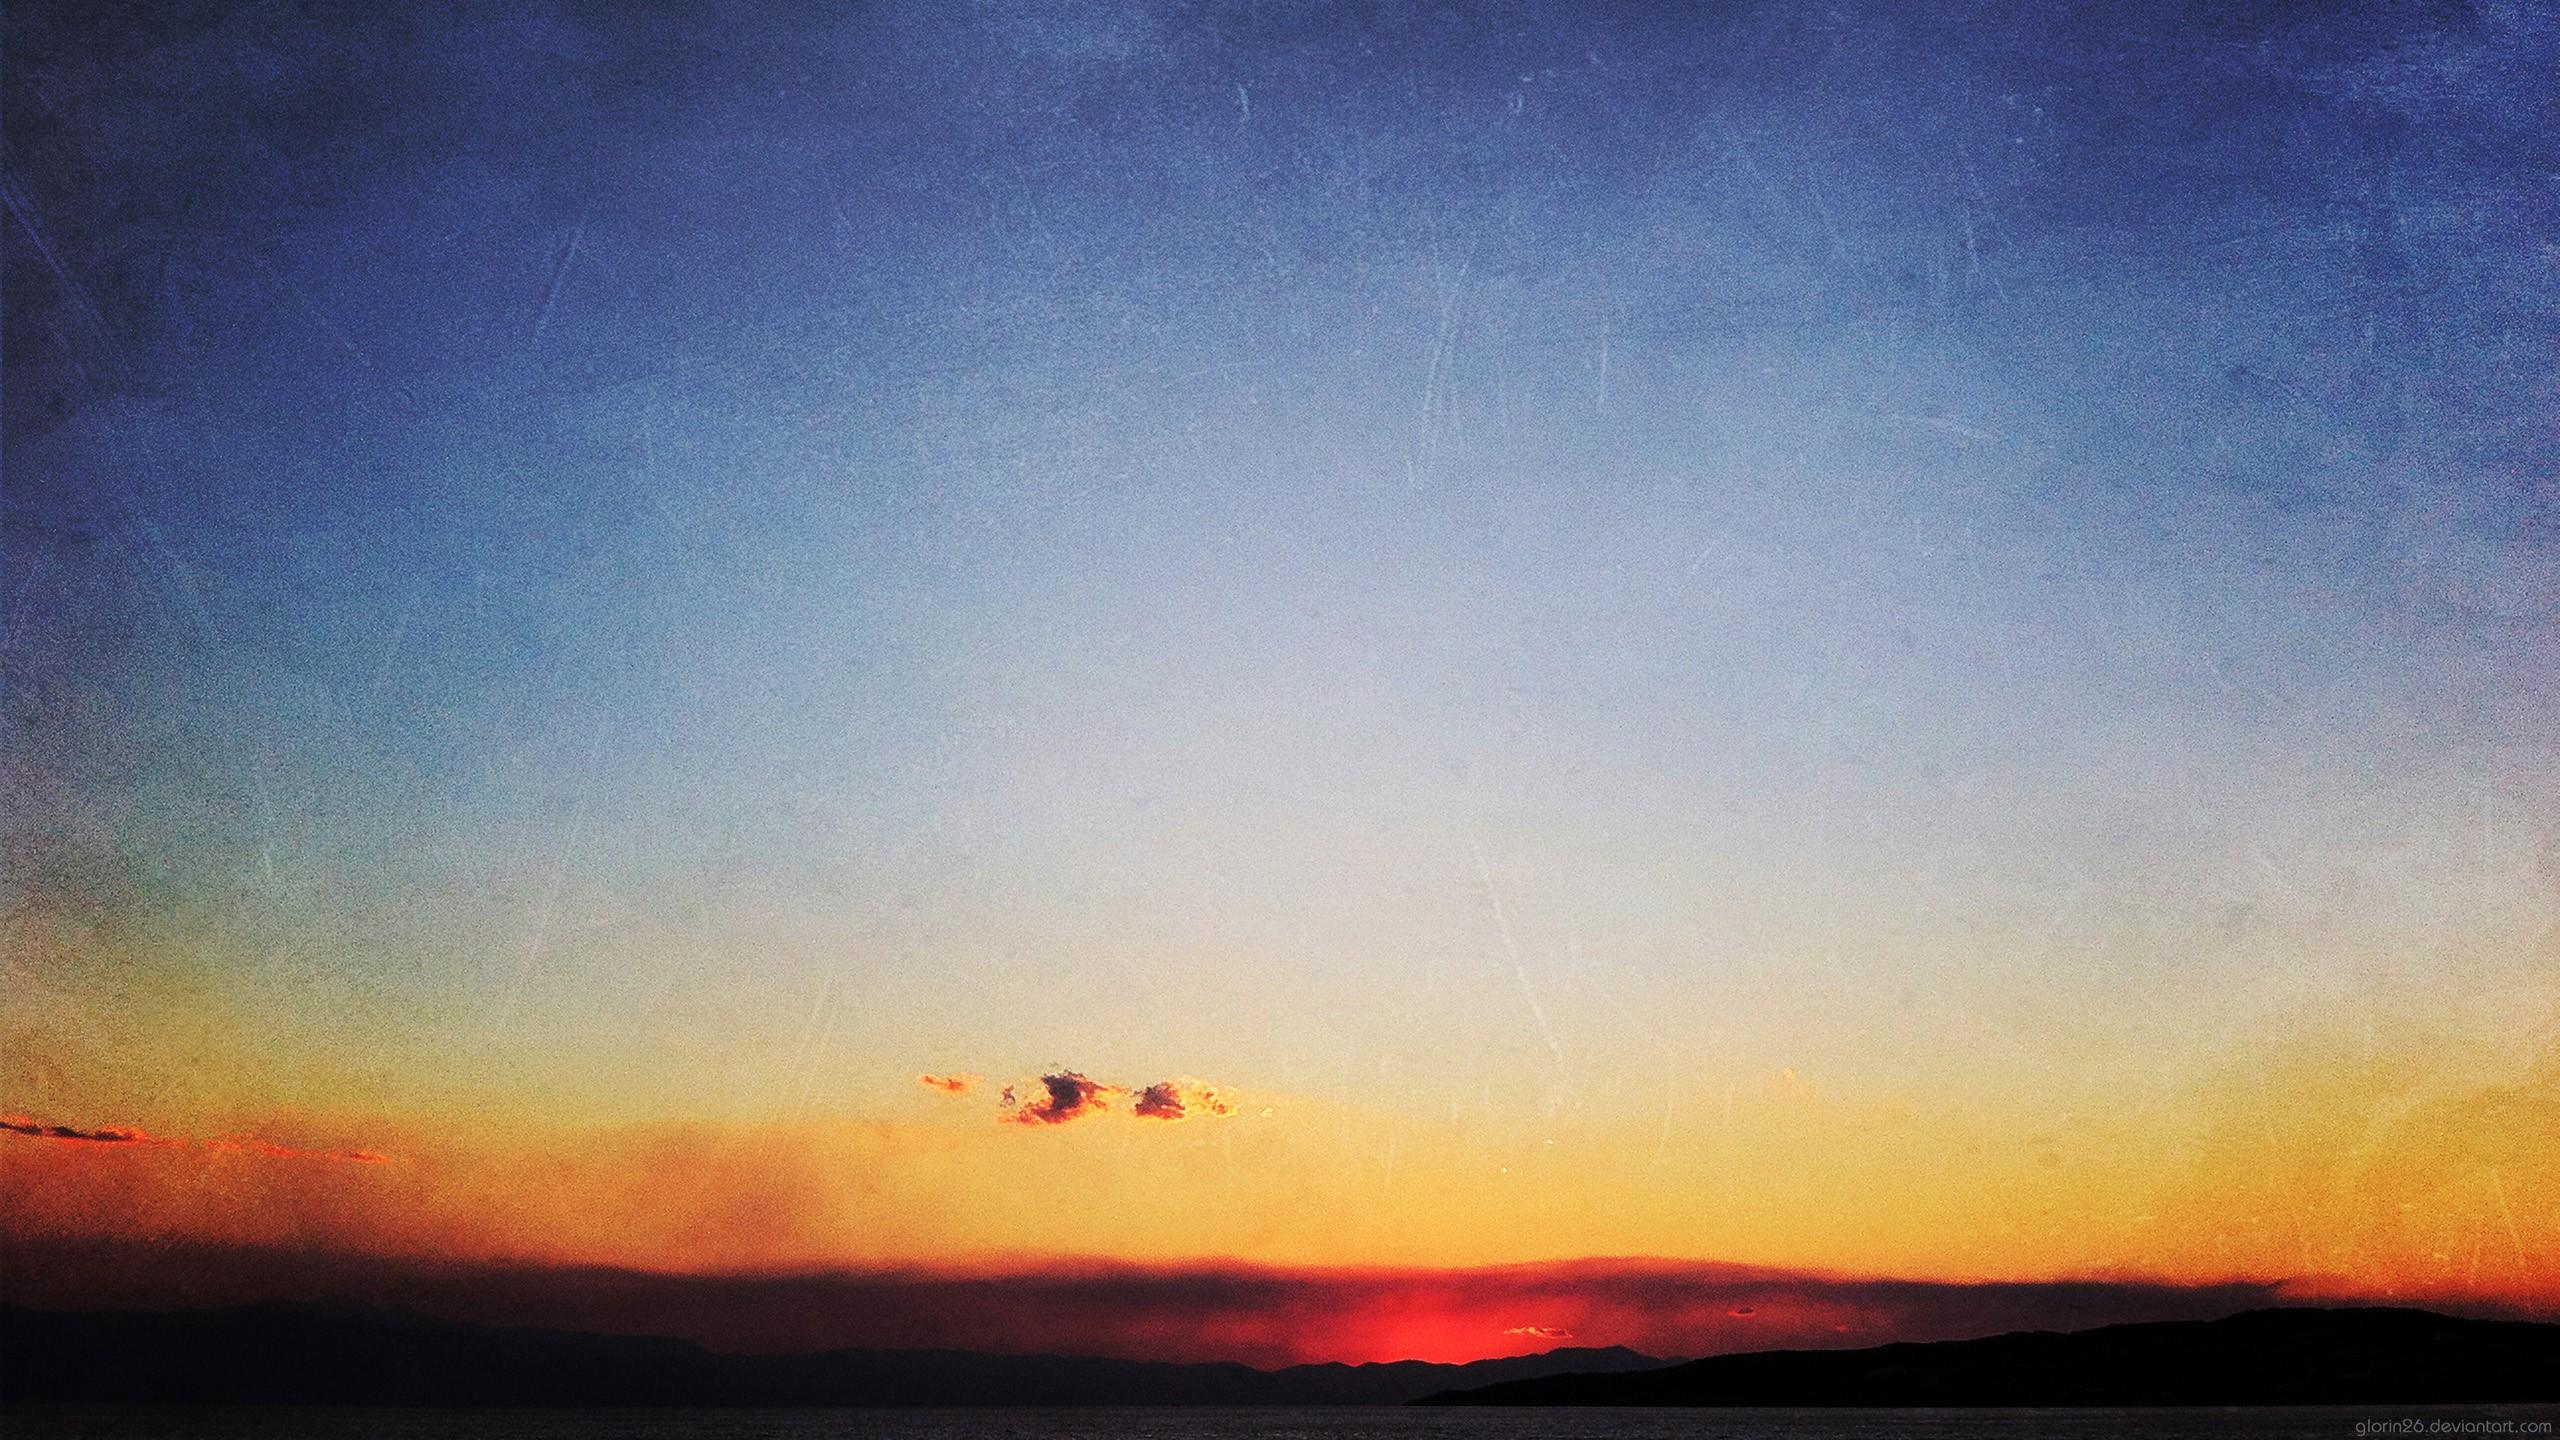 landscape sky sunset nature photography